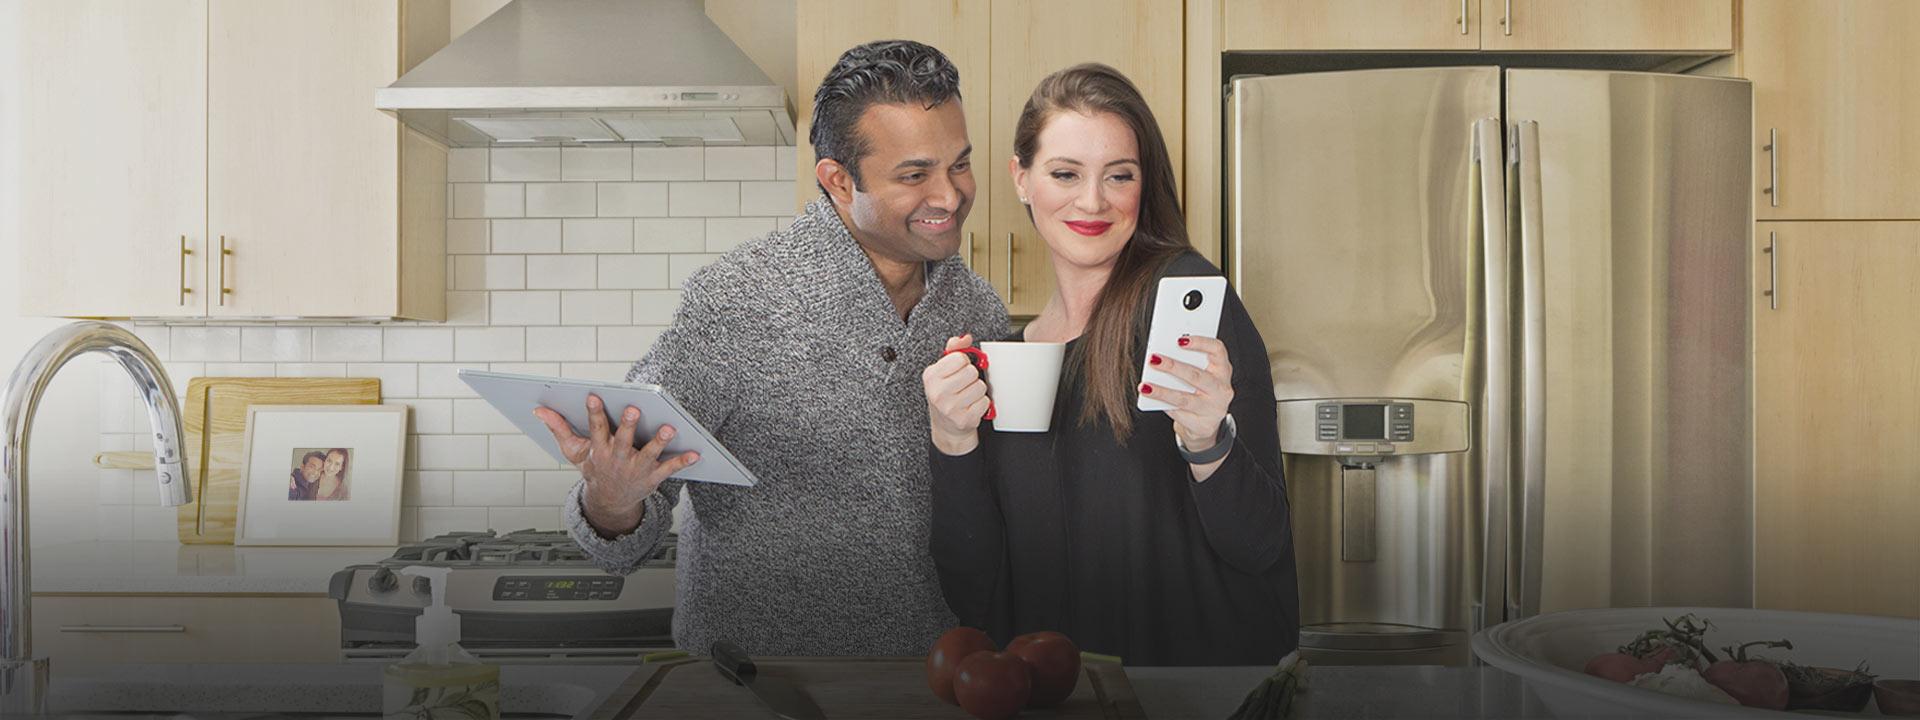 Un couple debout dans une cuisine moderne. L'homme tient une tablette et la femme tient un téléphone mobile. Ils sourient et regardent l'écran du téléphone mobile.